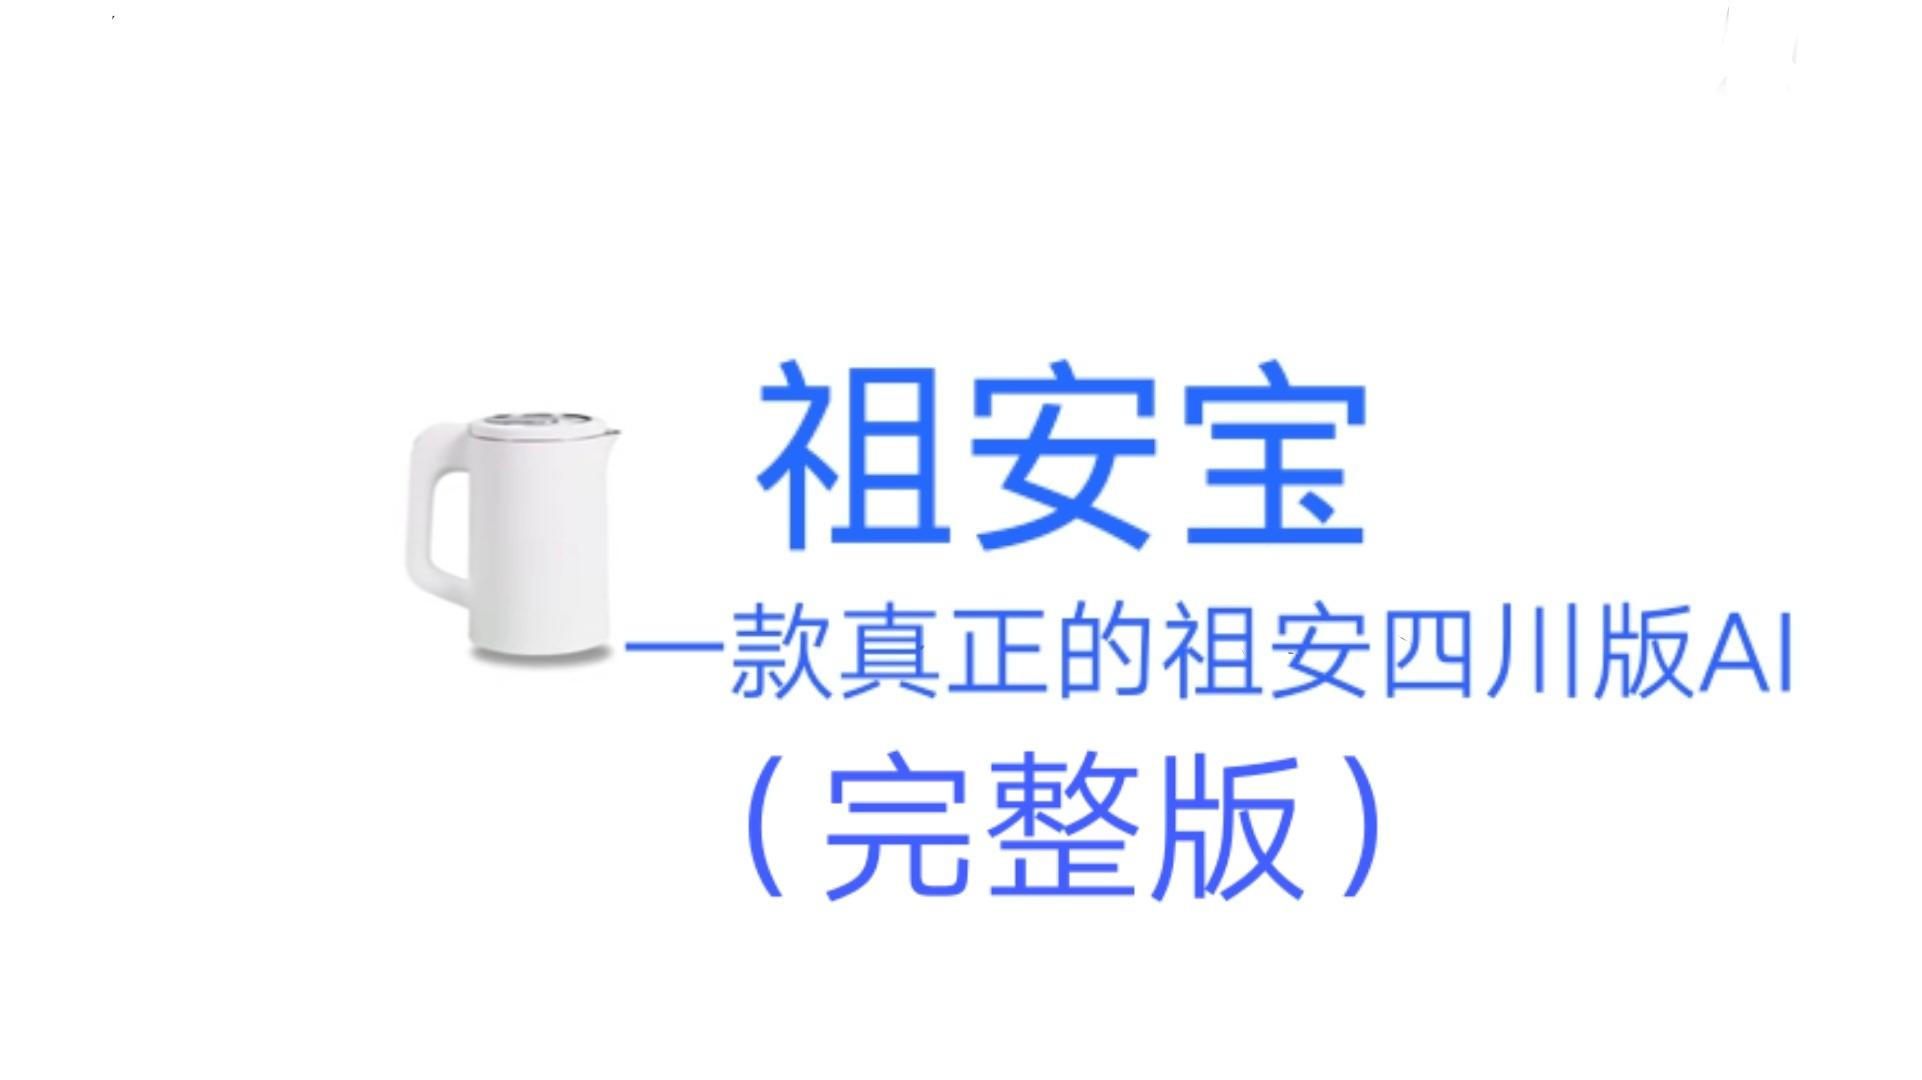 【祖安宝】四川方言版完整版